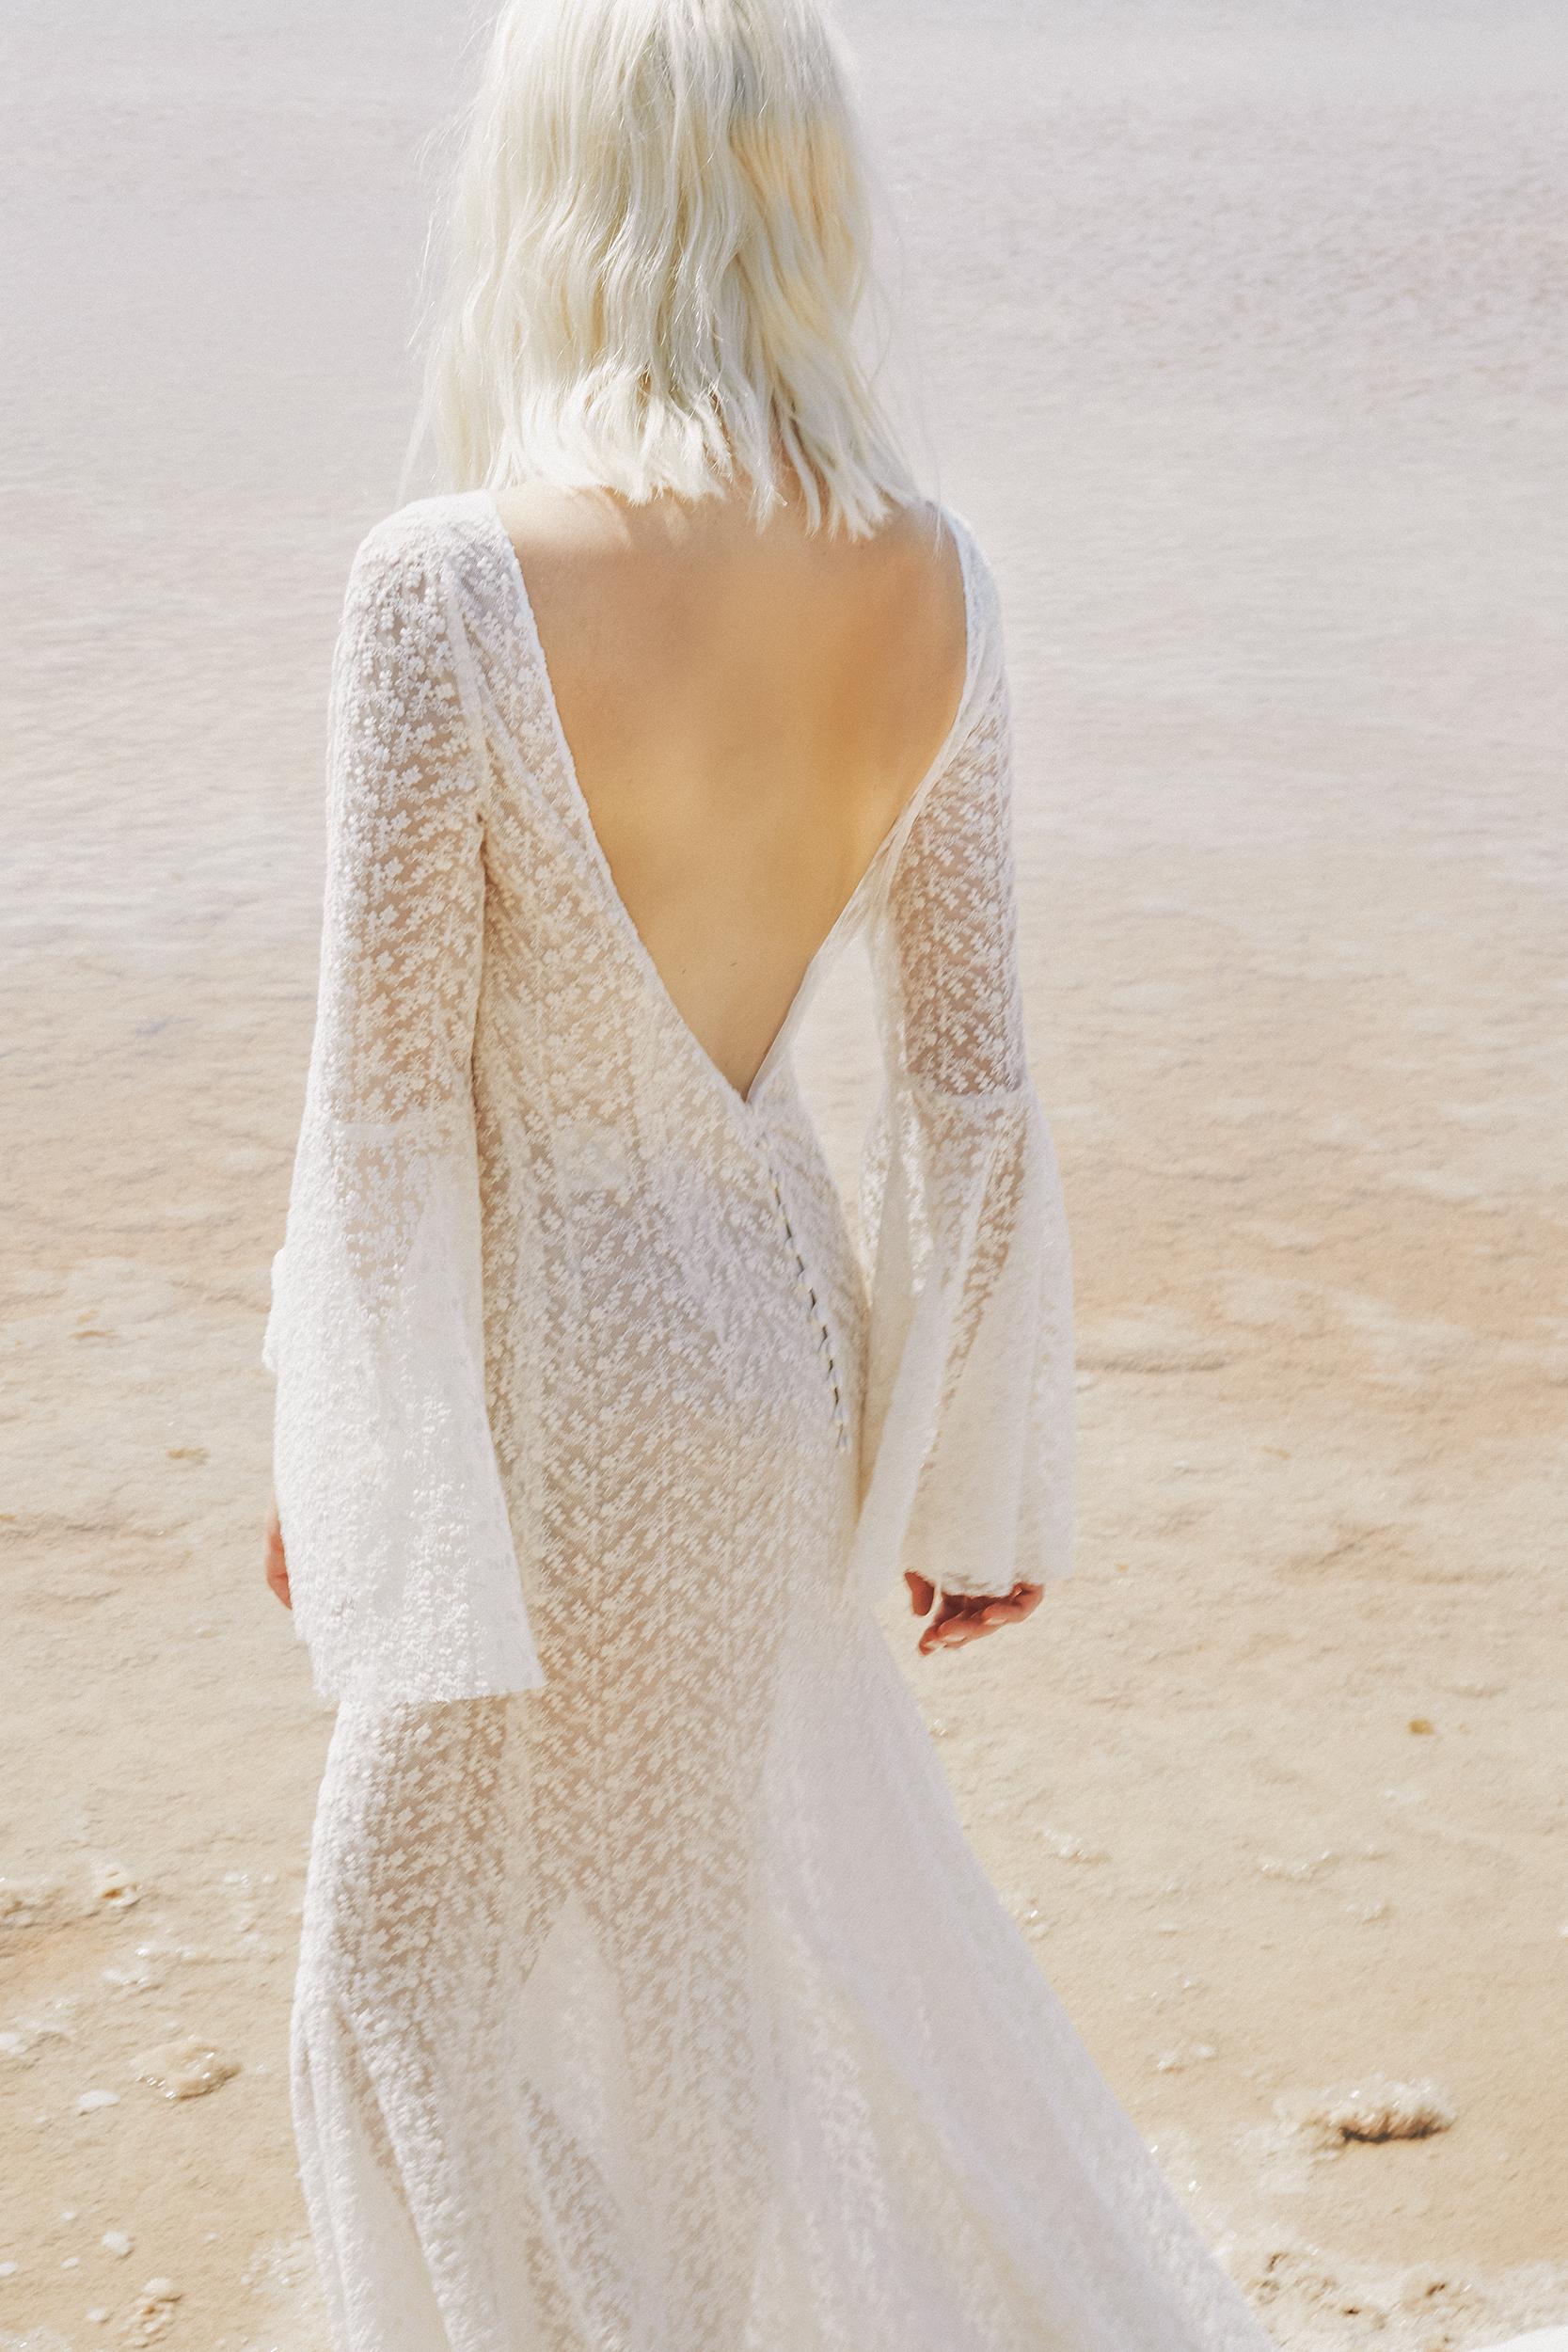 long sleeved wedding dresses - venus